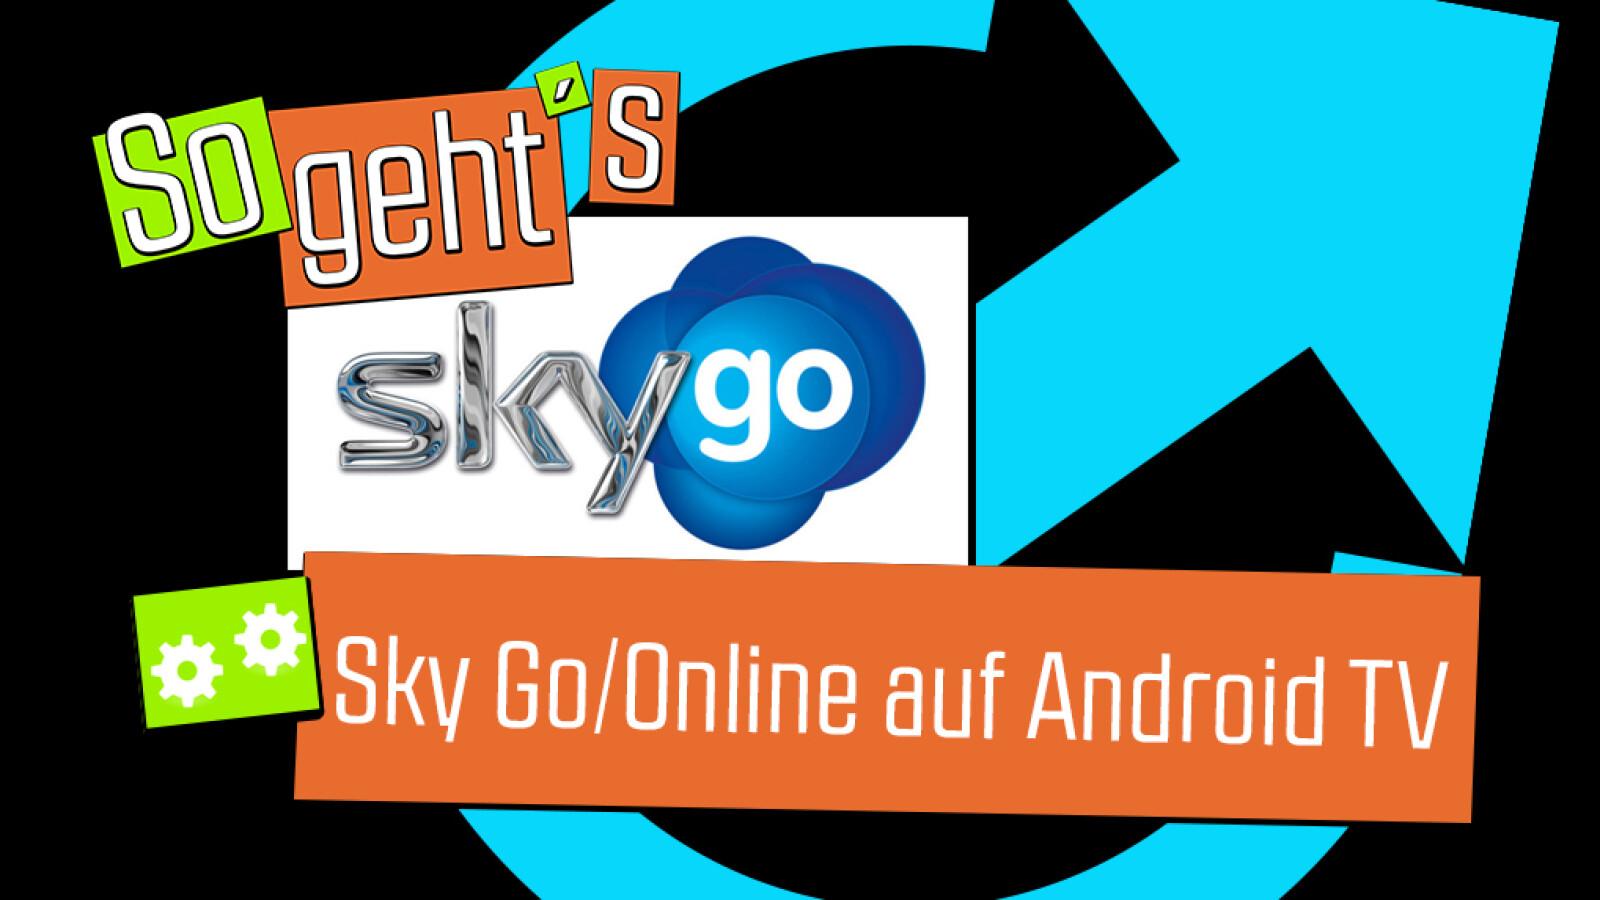 Android TV: Sky Go / Sky Online installieren